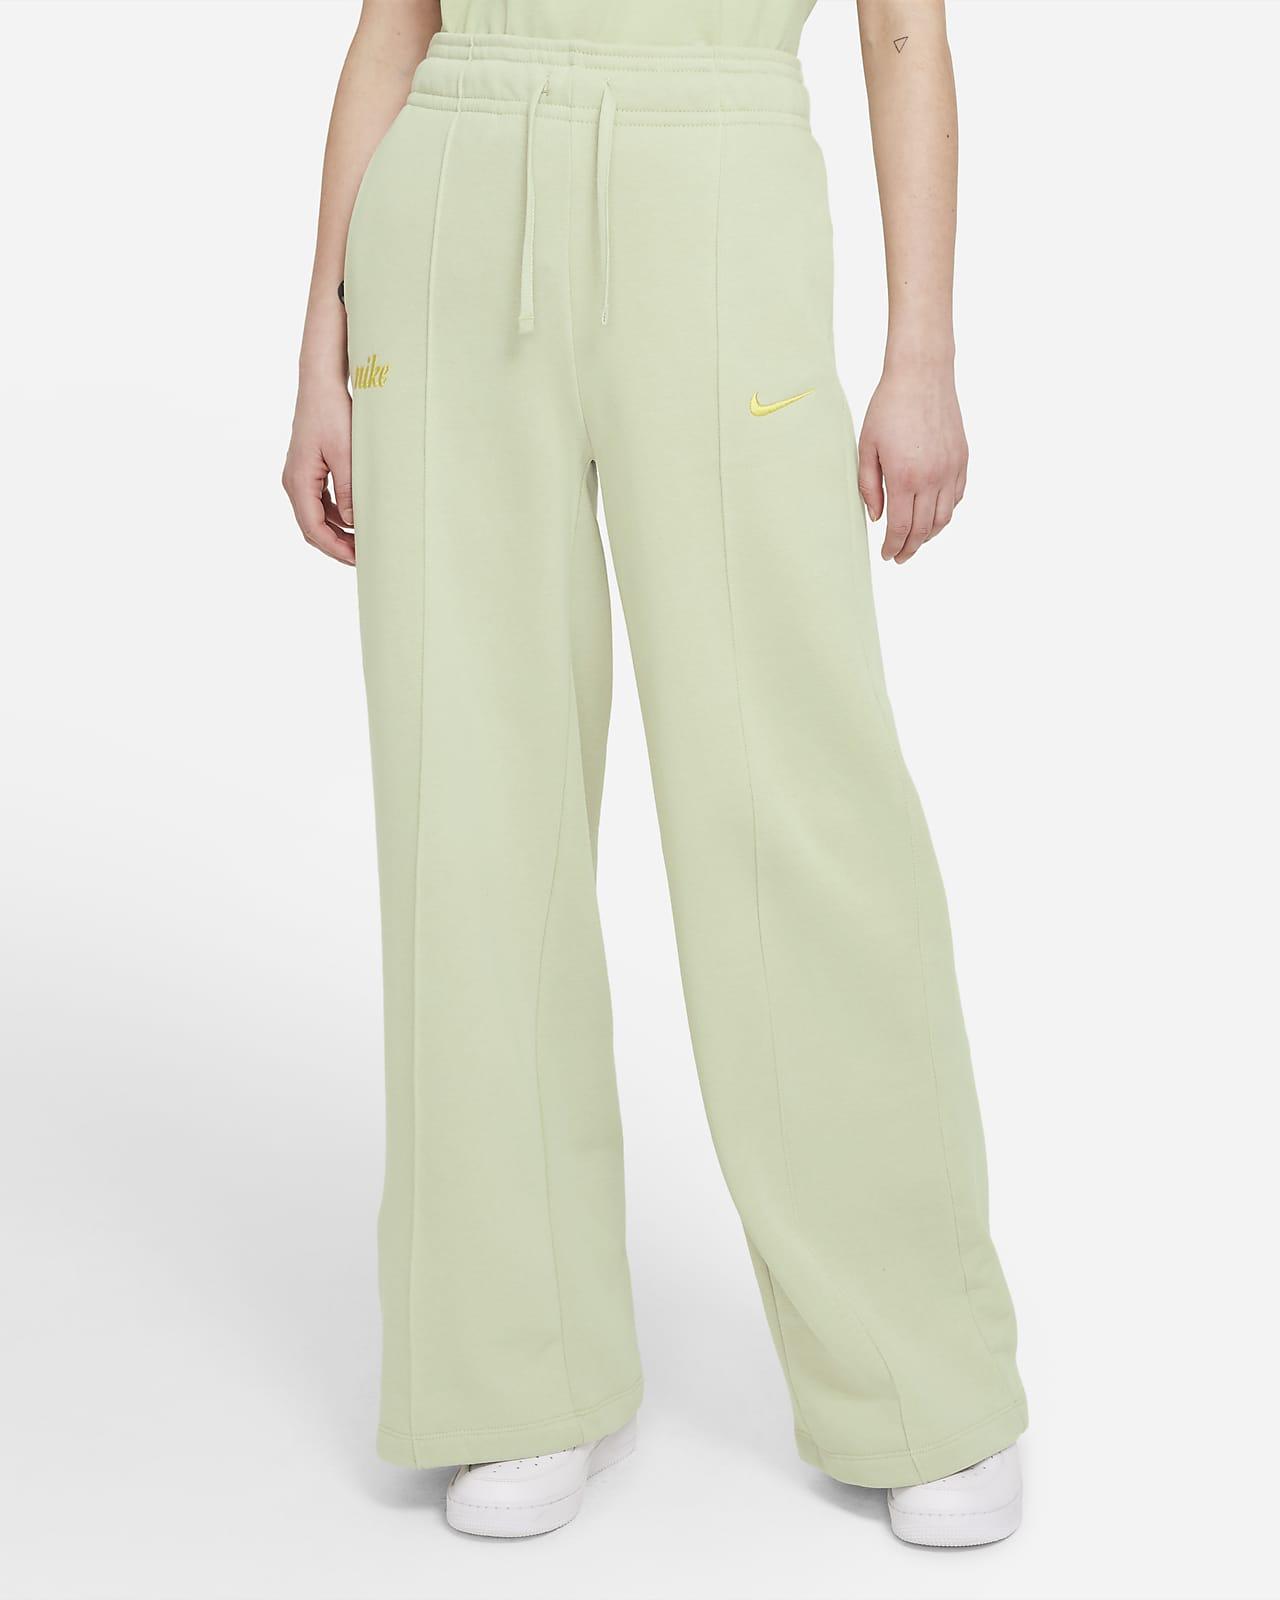 Nike Sportswear Damen-Fleecehose